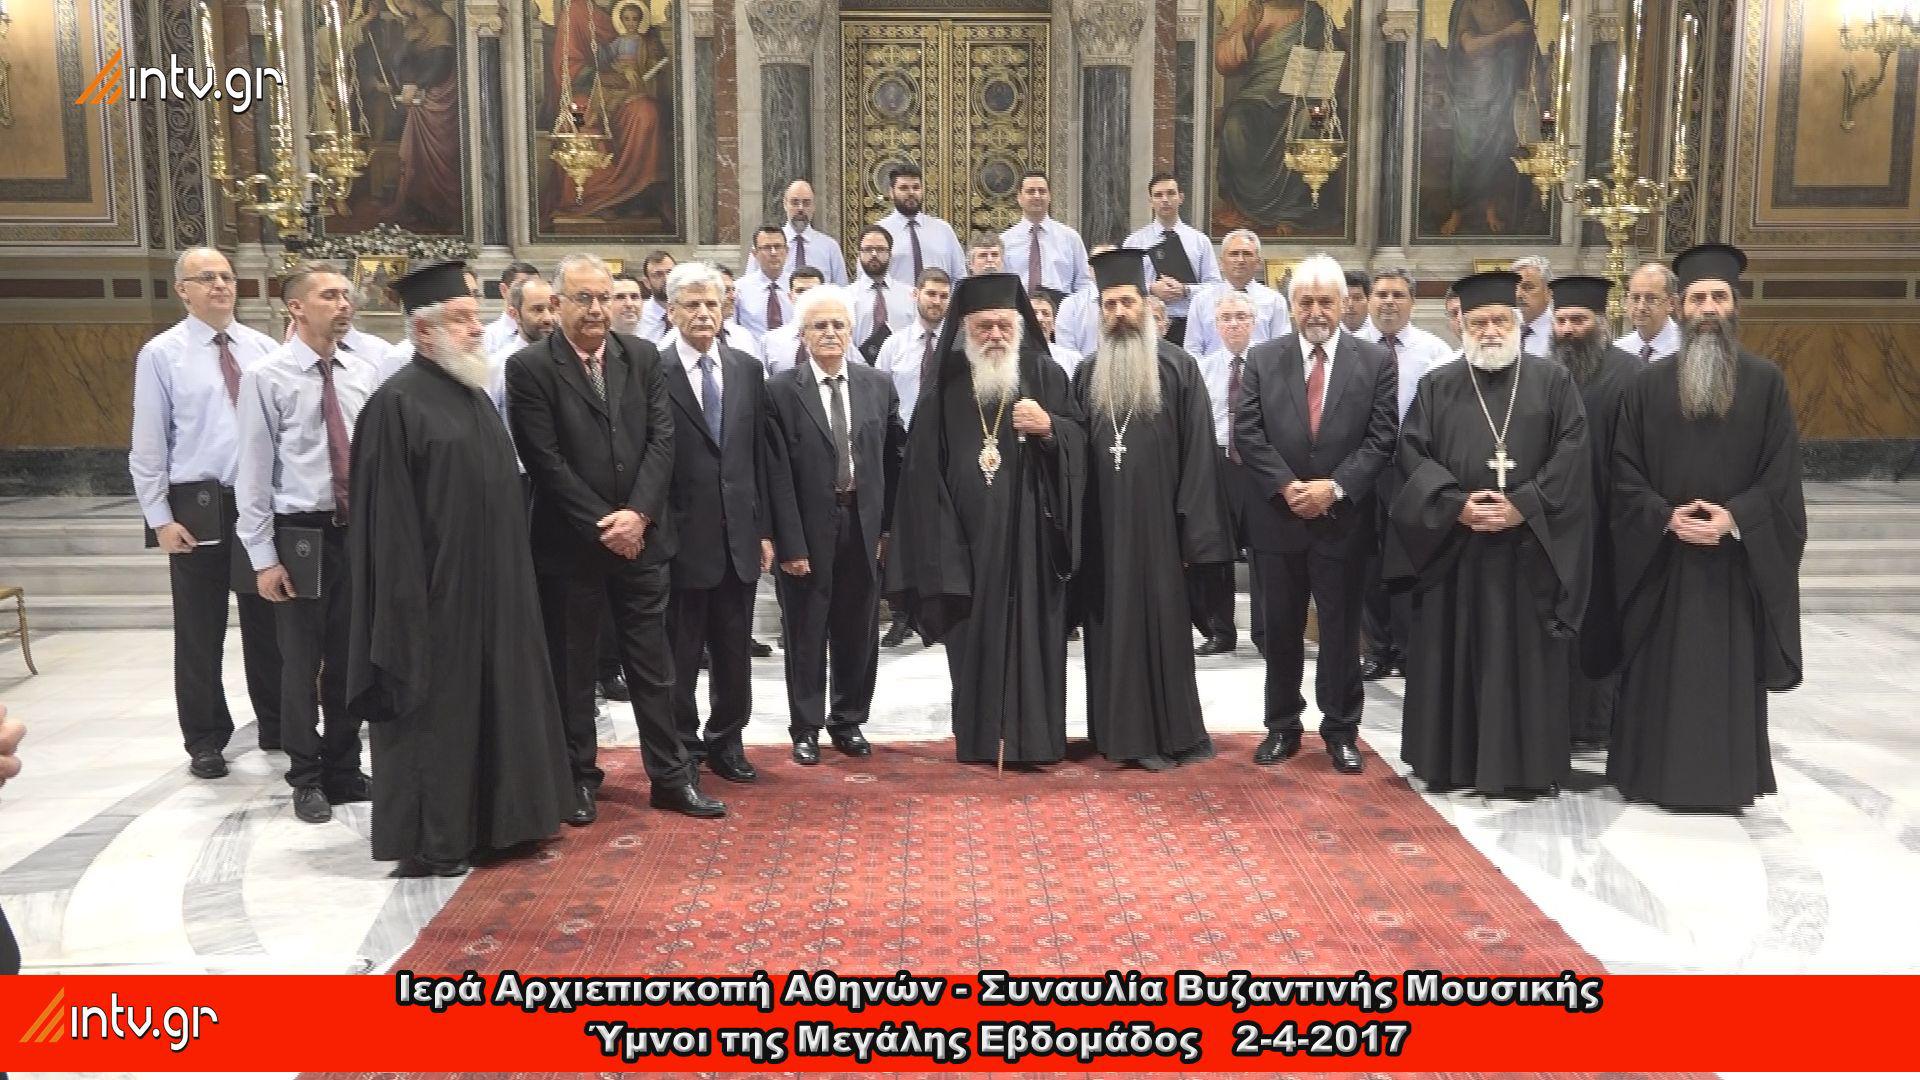 Ιερά Αρχιεπισκοπή Αθηνών - Συναυλία Βυζαντινής Μουσικής Ύμνοι της Μεγάλης Εβδομάδος